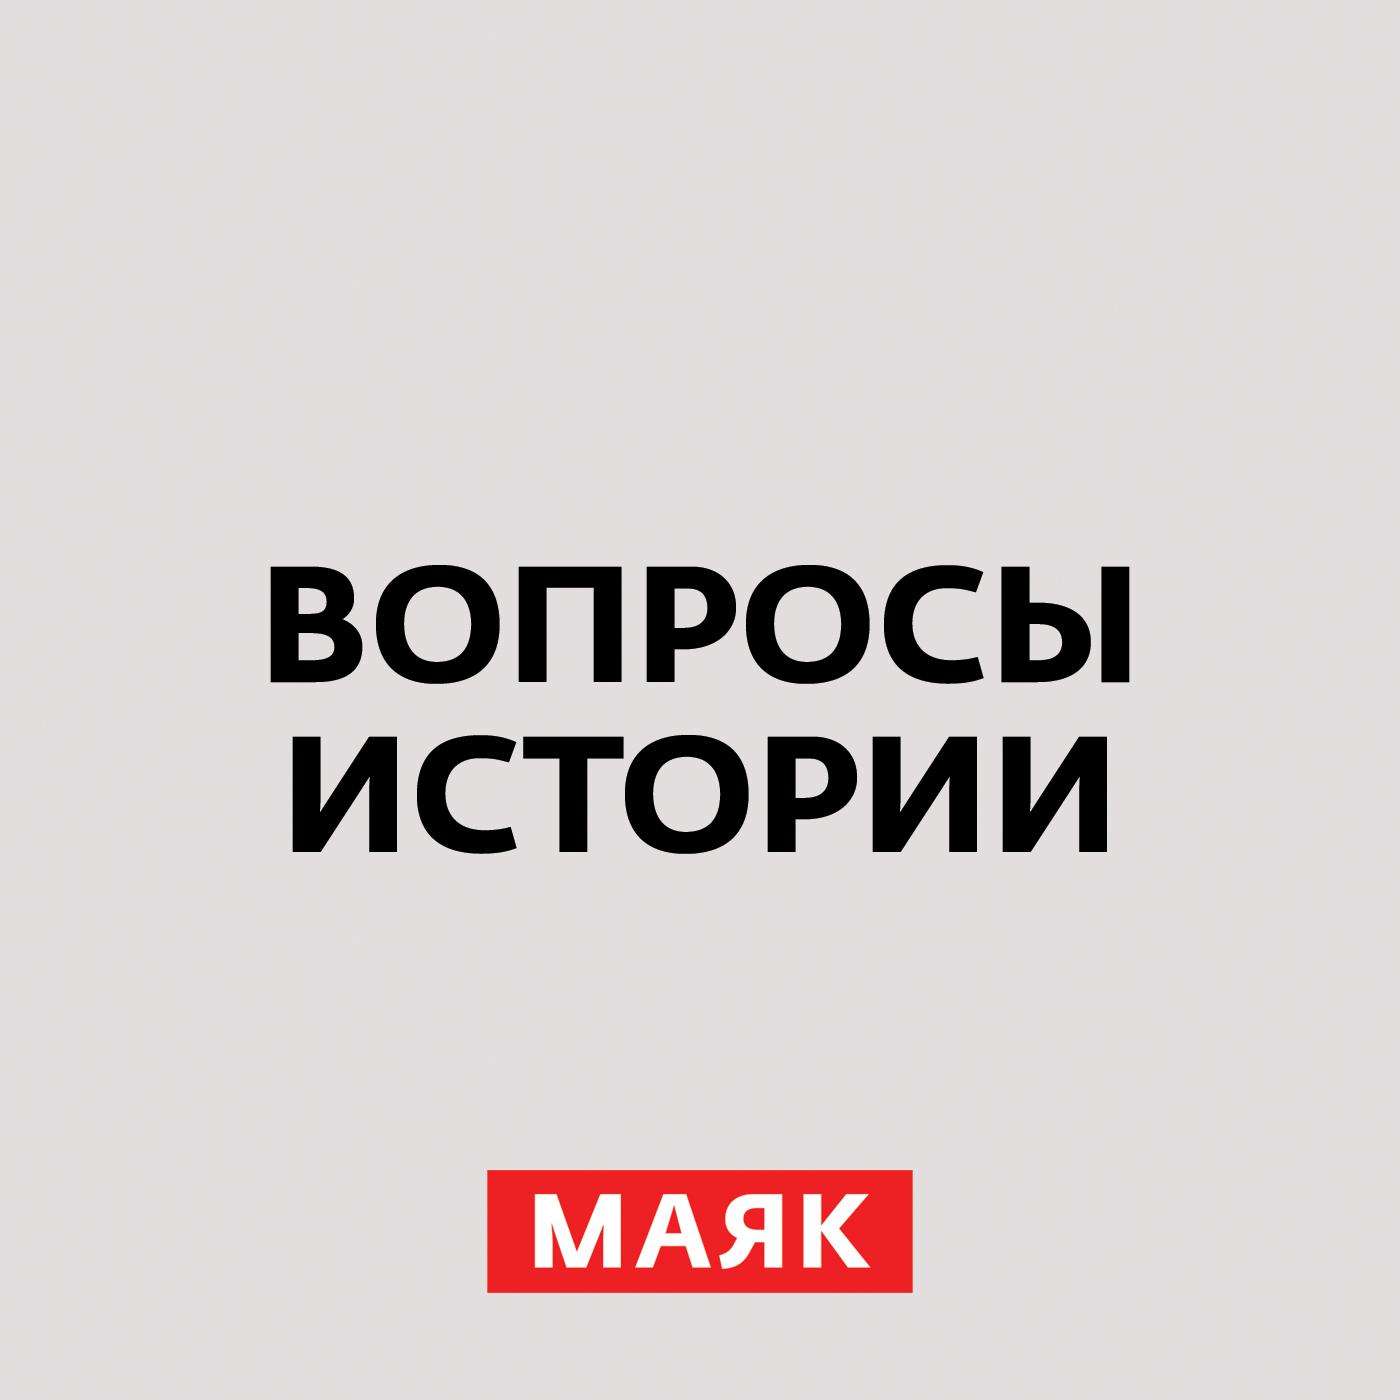 Андрей Светенко Четыре Думы Российской империи. Часть 1